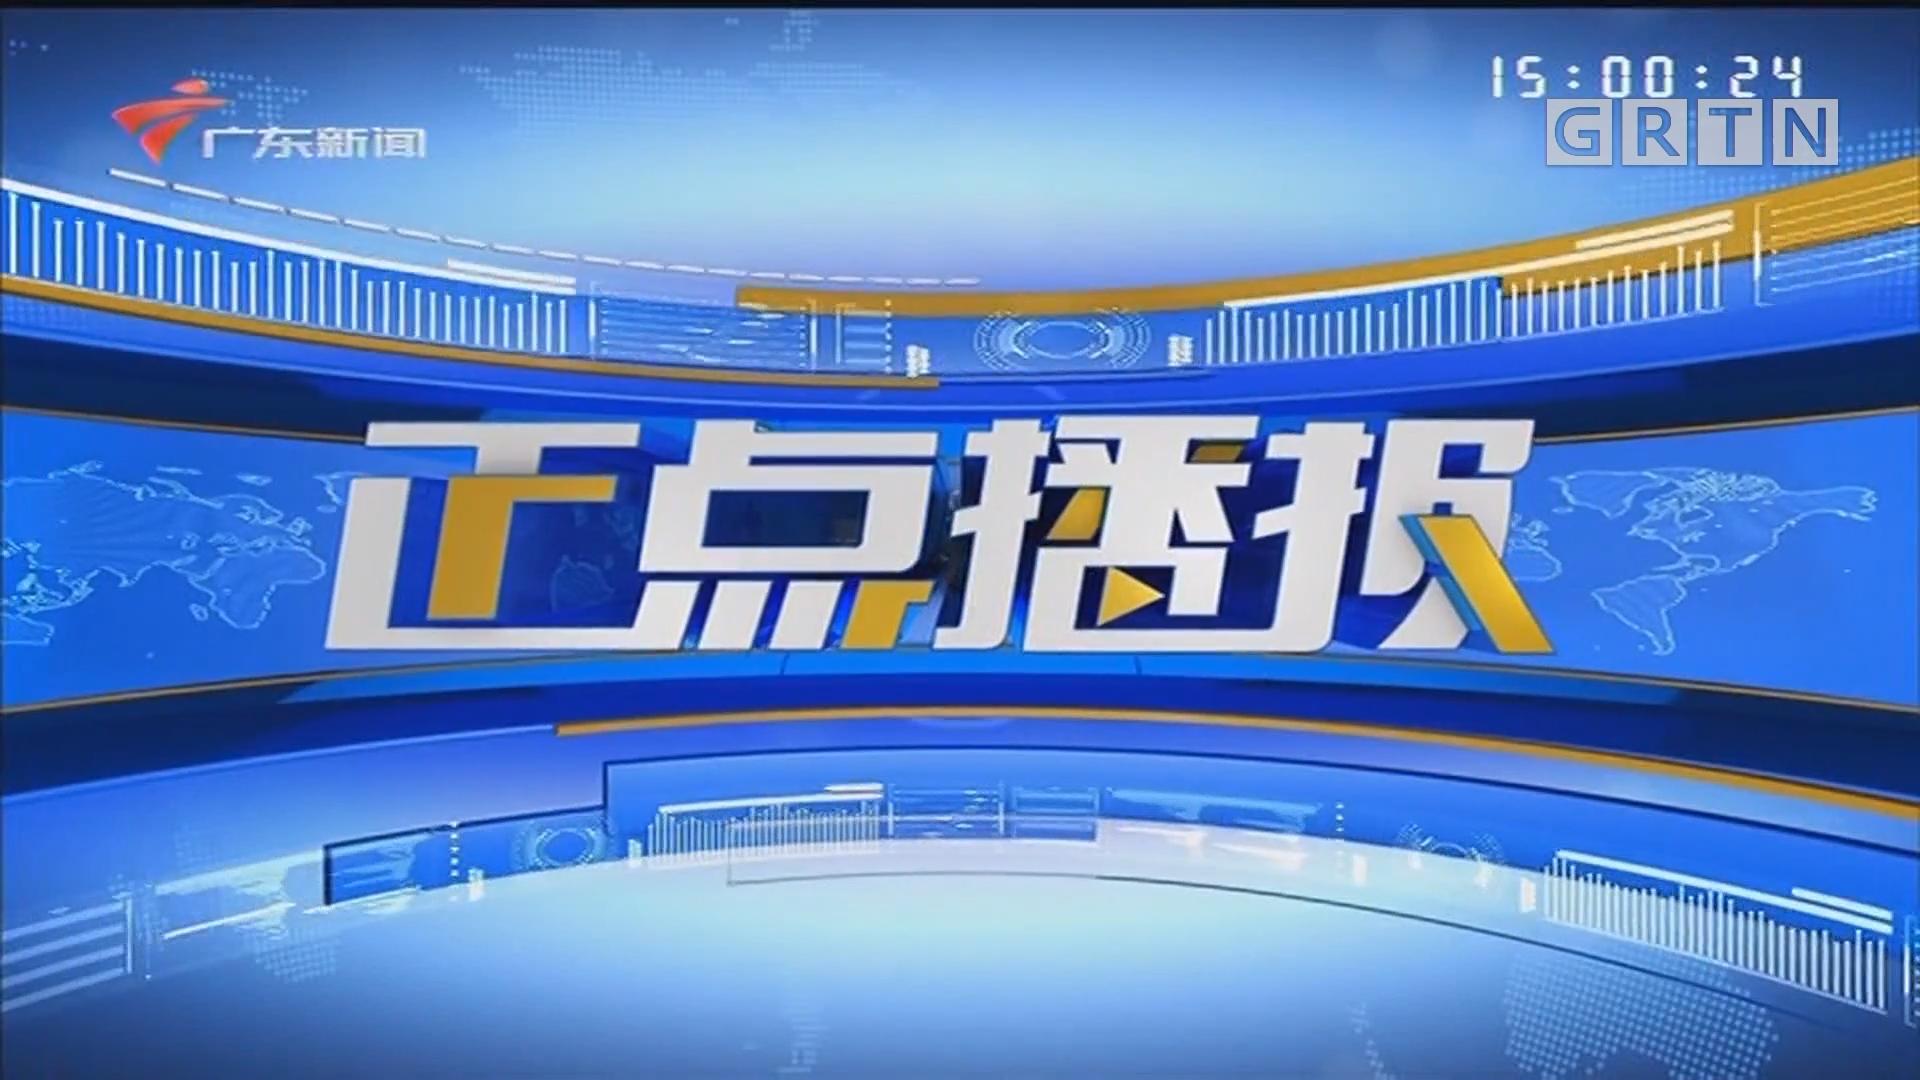 [HD][2020-01-28-15:00]正点播报:广东新增42例确诊病例 新增出院2例